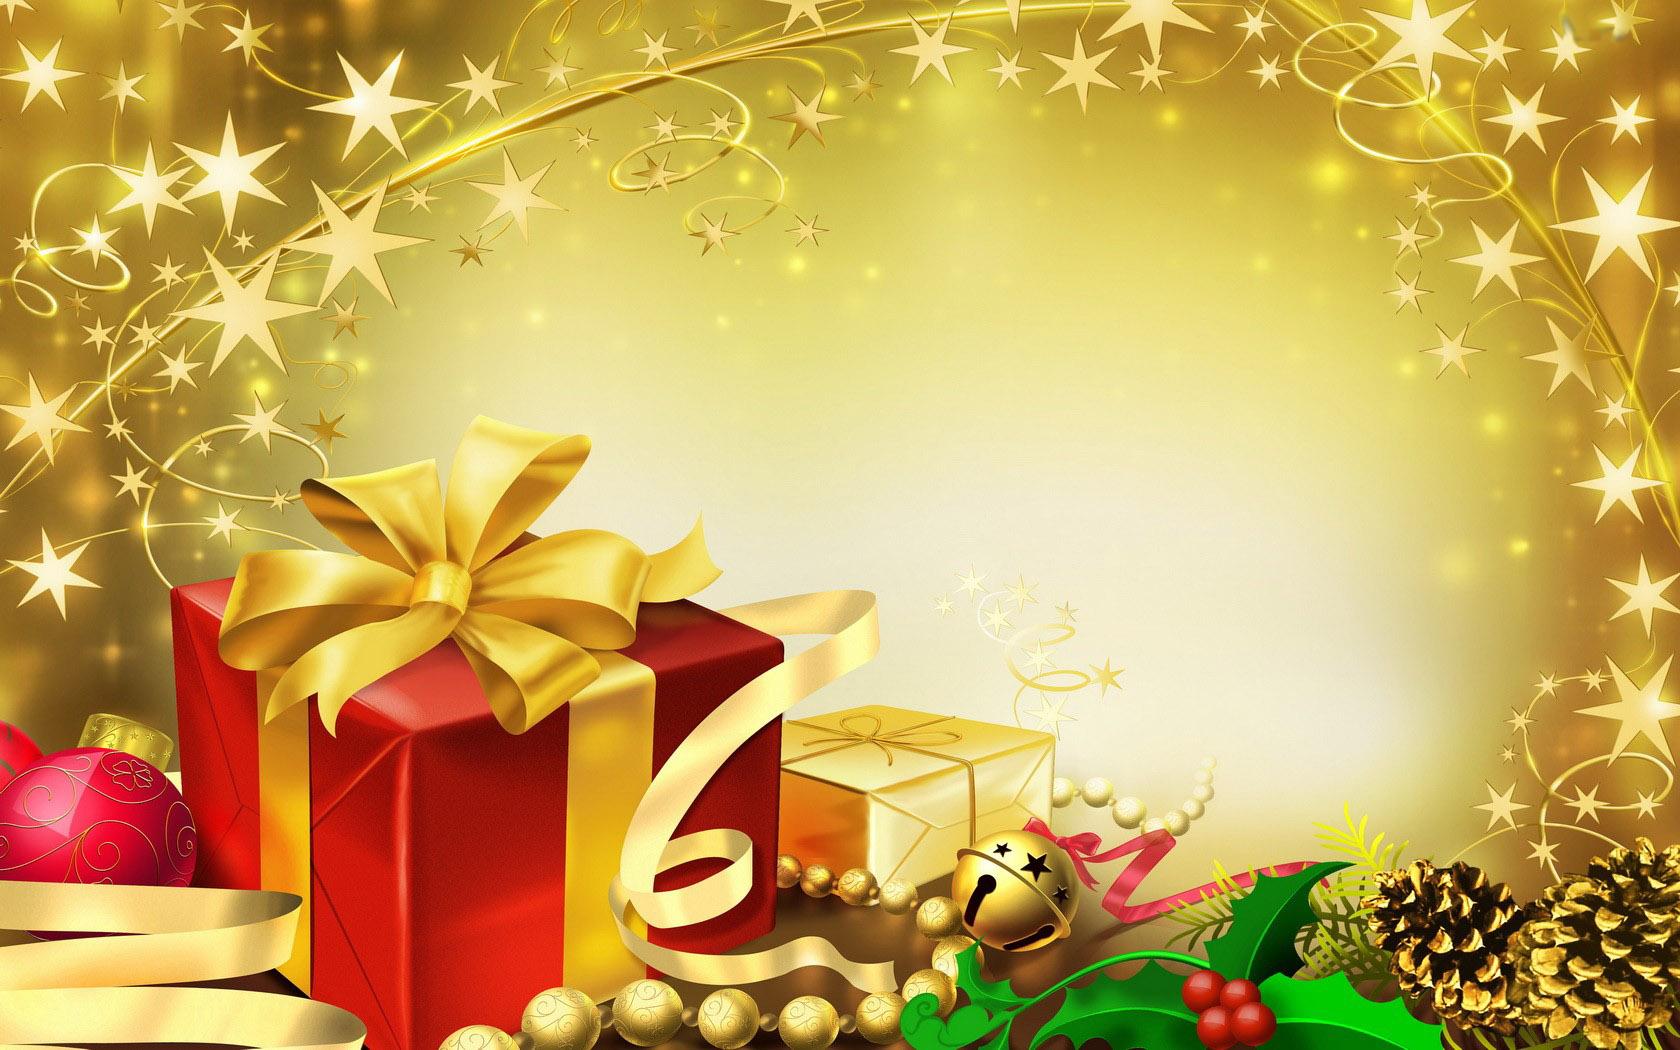 gold x mass - Christmas Wallpaper (33140382) - Fanpop